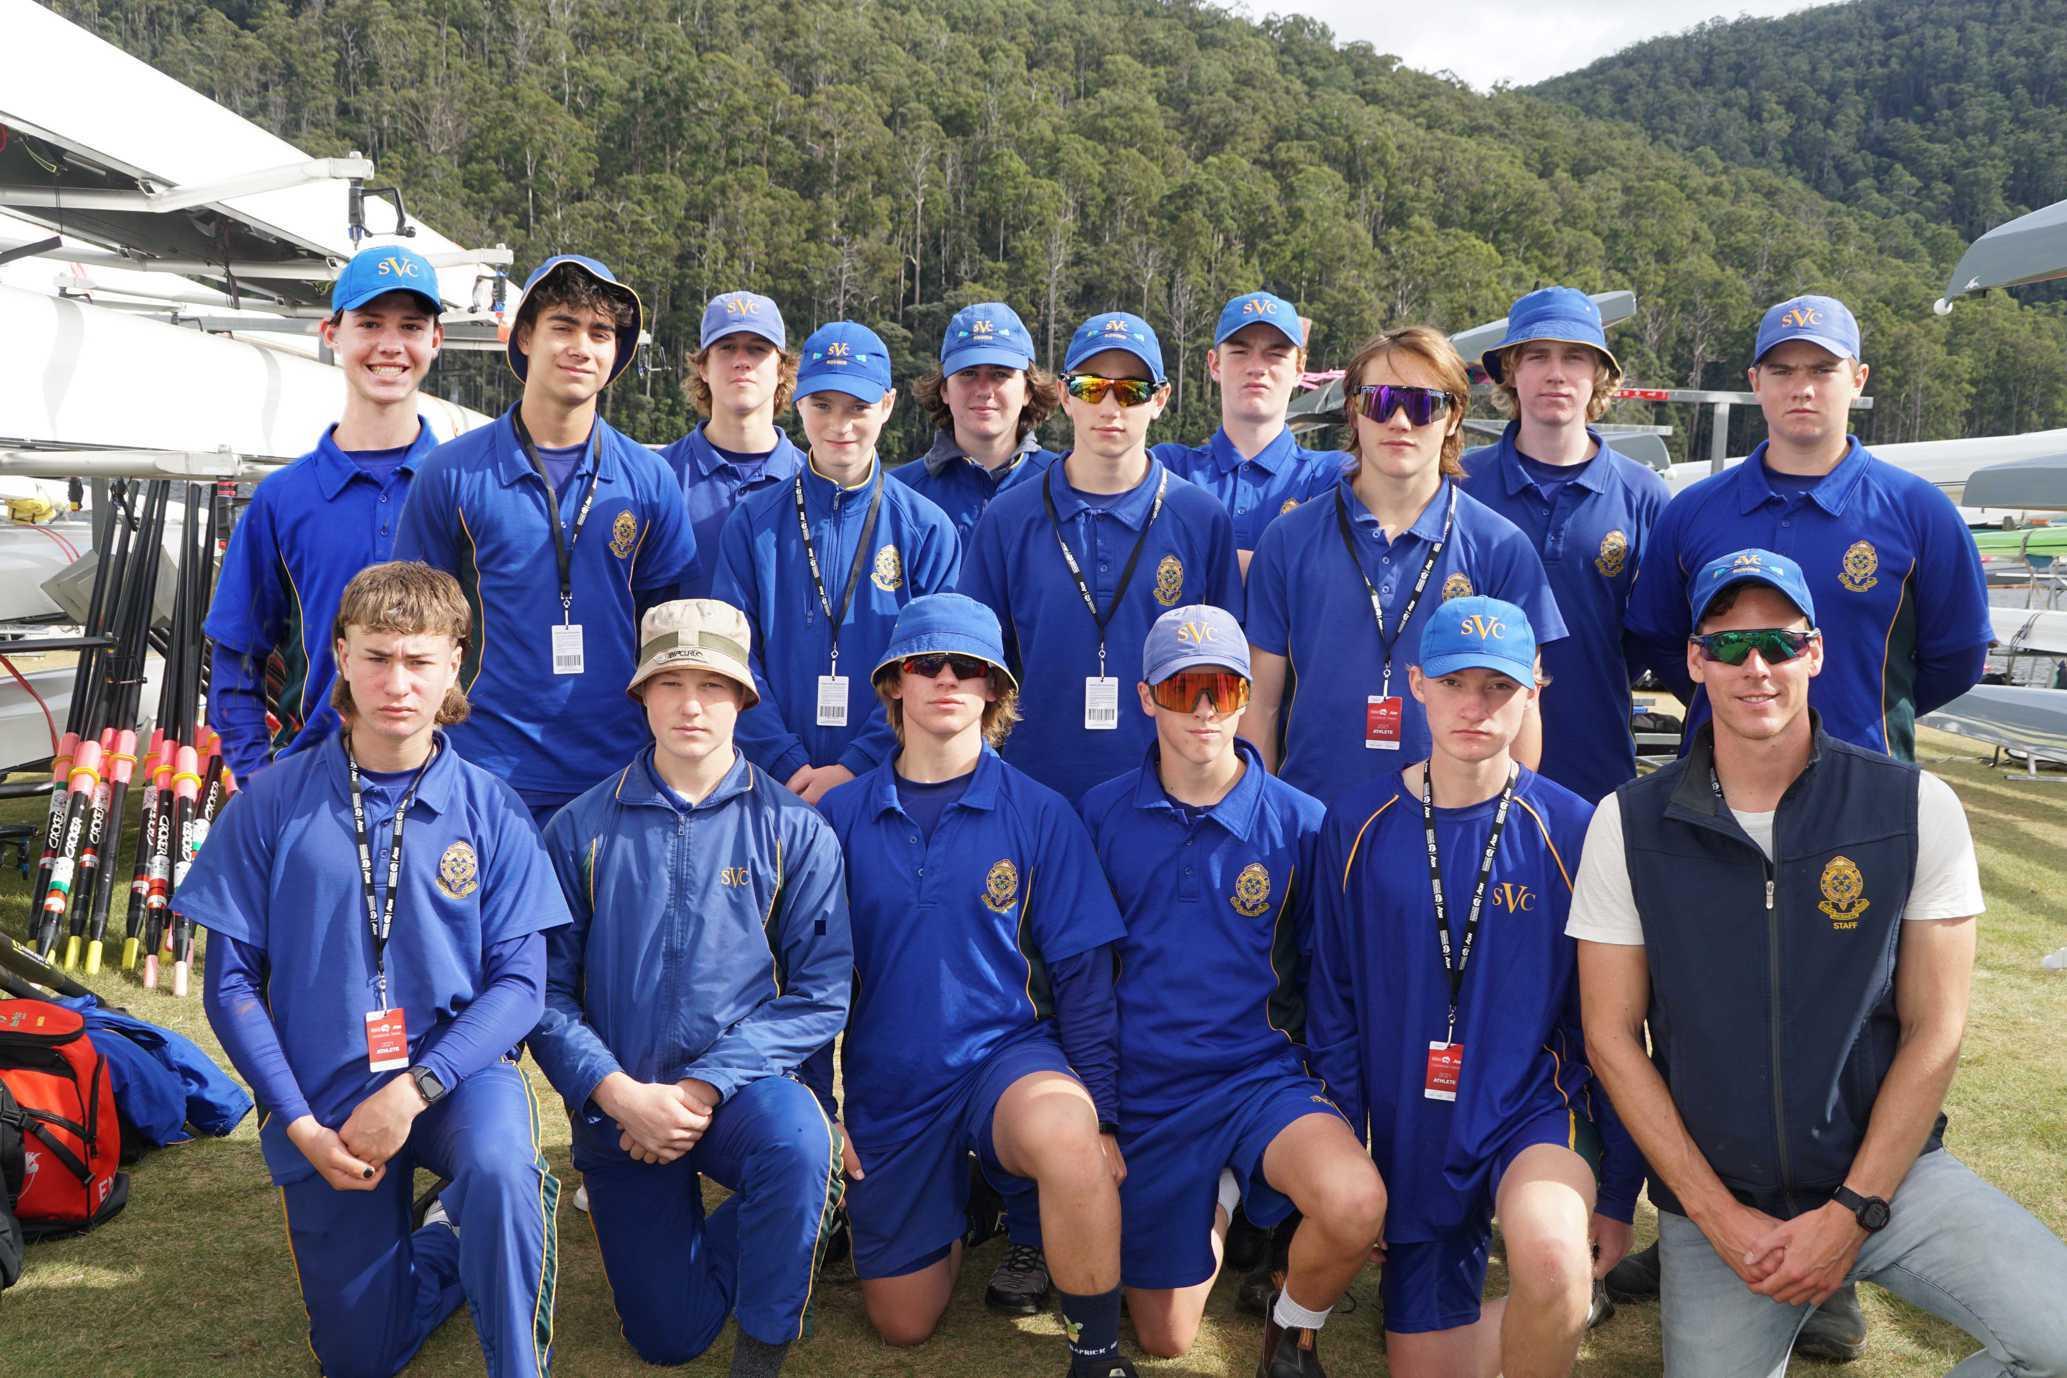 Team SVC, 2021 Nationals Squad